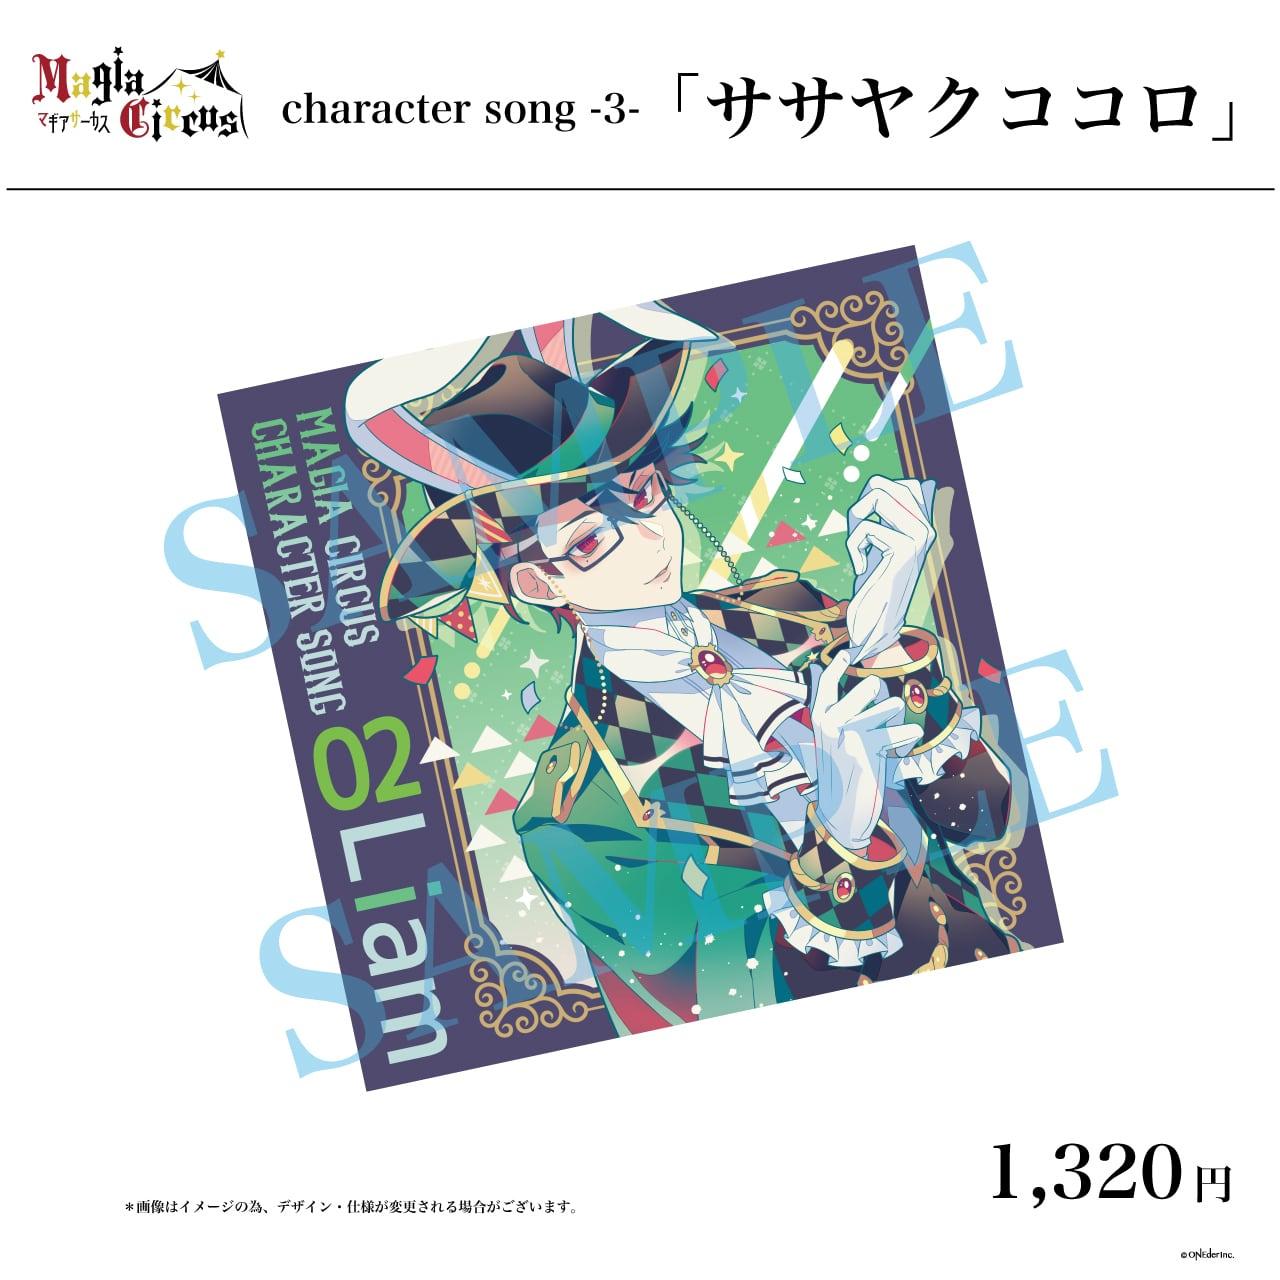 【購入特典付】Magia Circus character song -3- 「ササヤクココロ」